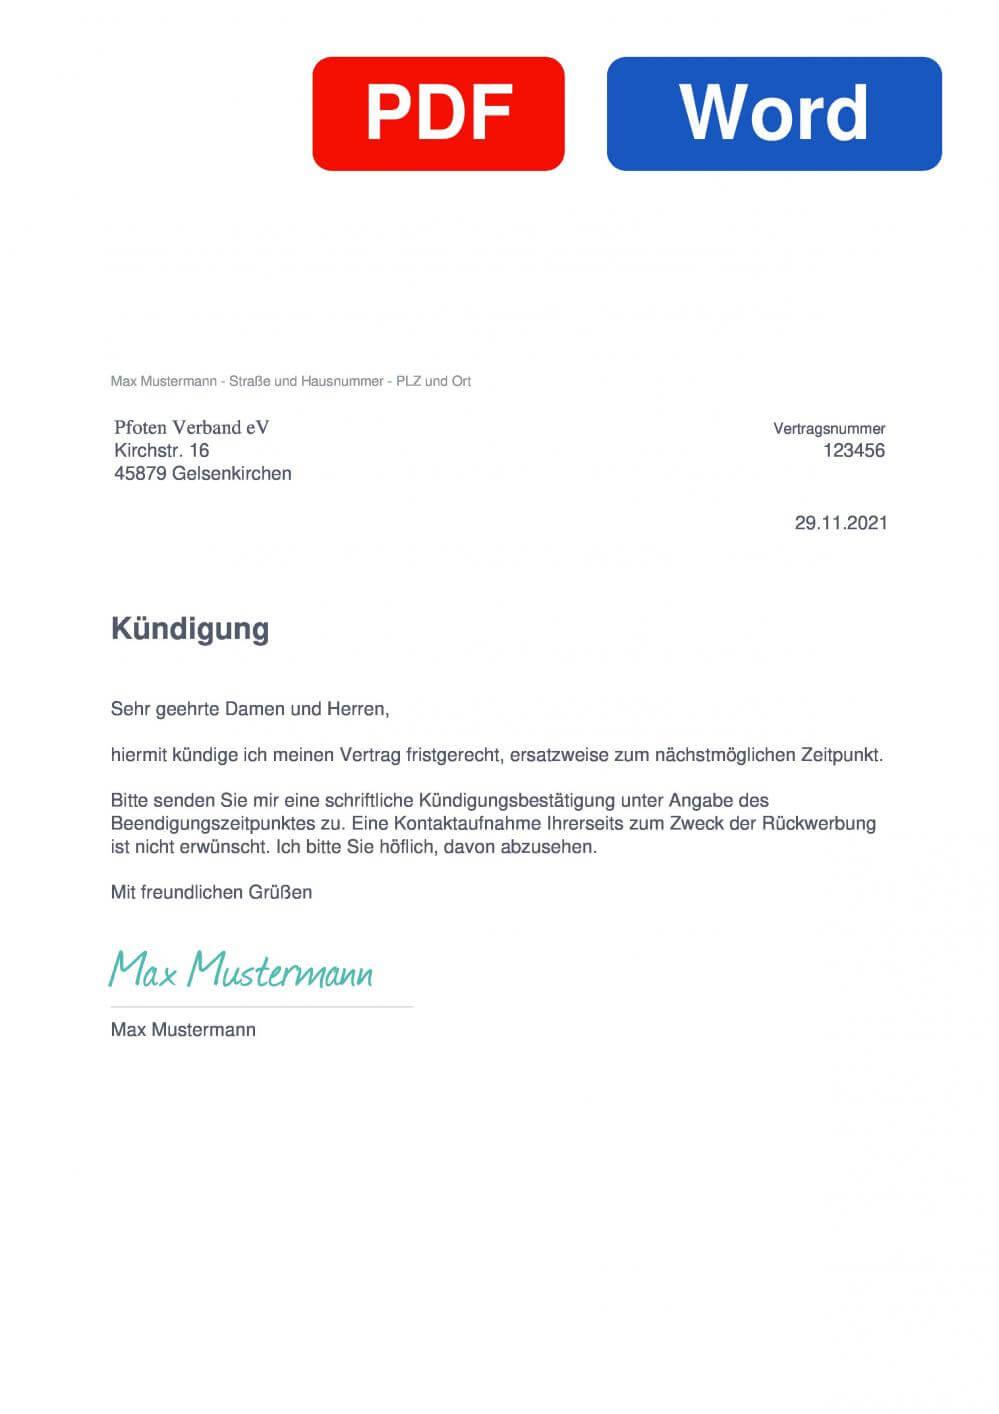 Pfoten Verband eV. Muster Vorlage für Kündigungsschreiben